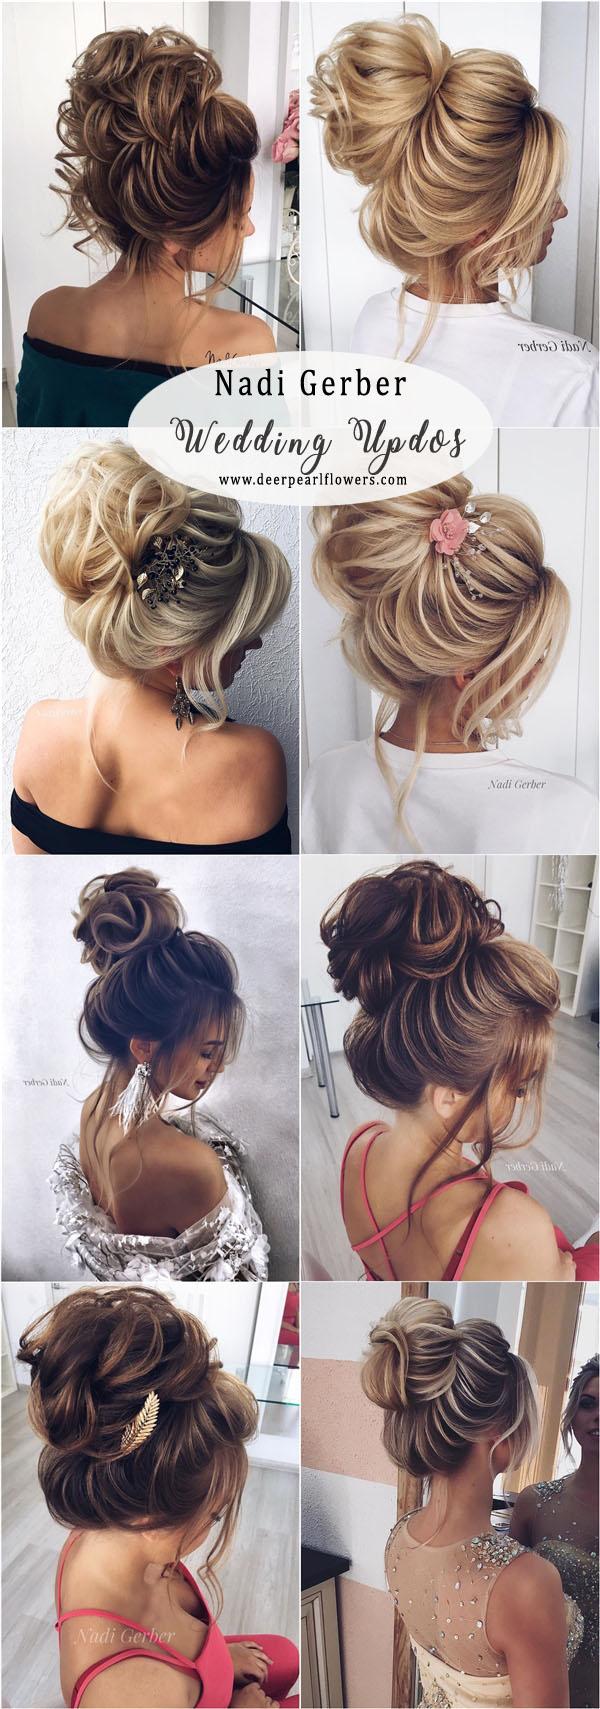 top 20 high bun wedding updo hairstyles | deer pearl flowers